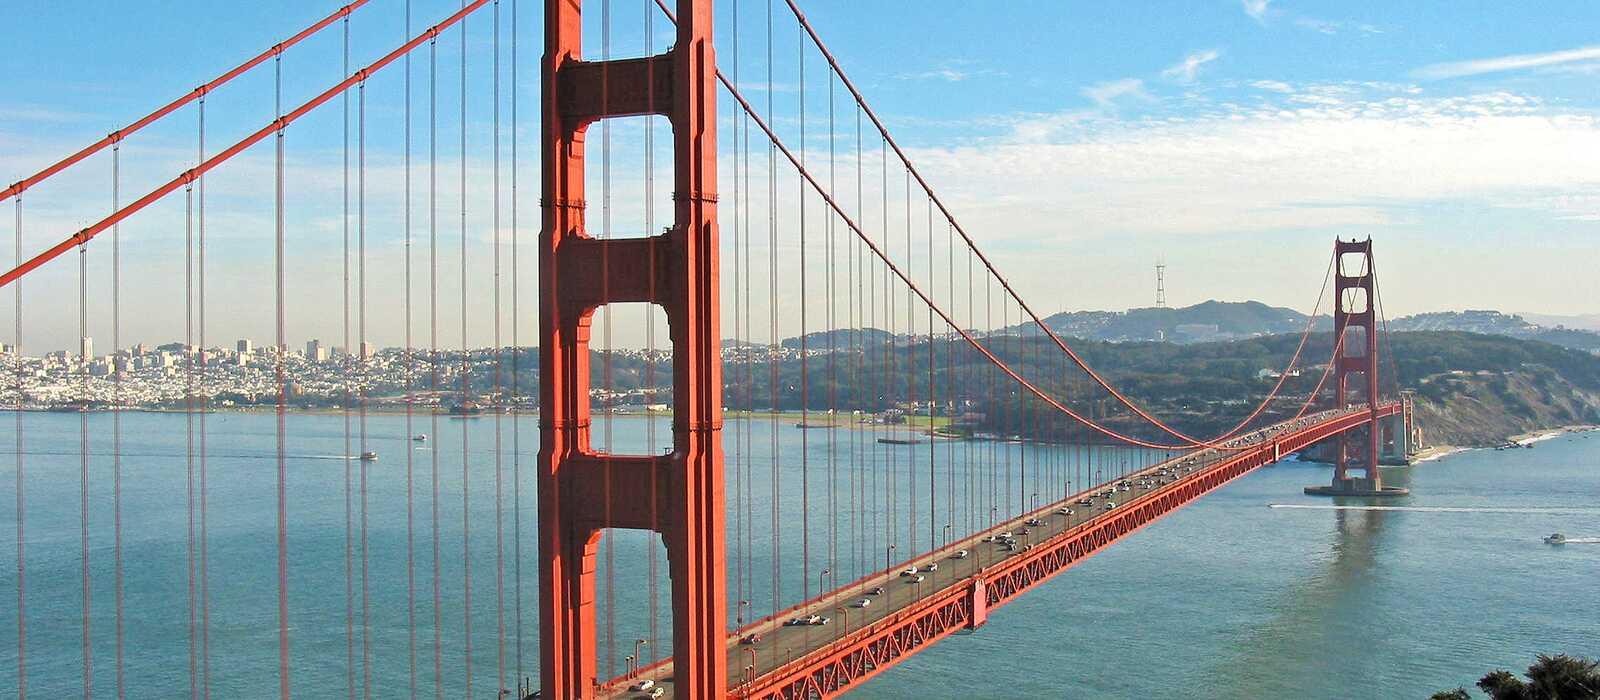 Blick auf die Golden Gate Bridge und San Francisco